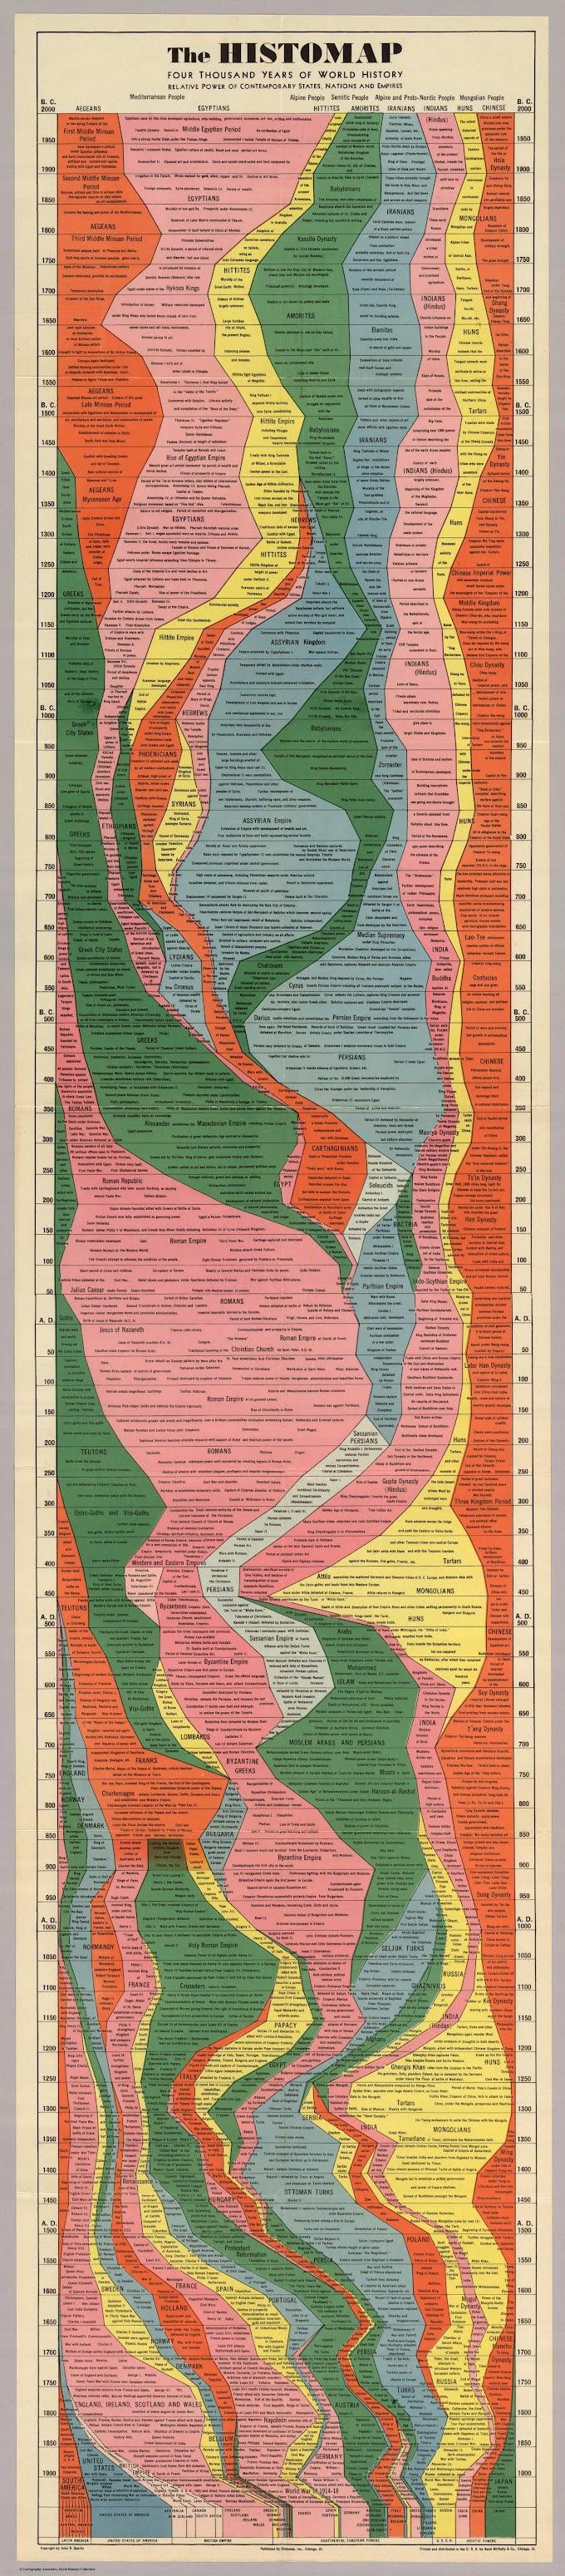 Tóm tắt 4000 năm lịch sử thế giới chỉ trong một tấm hình